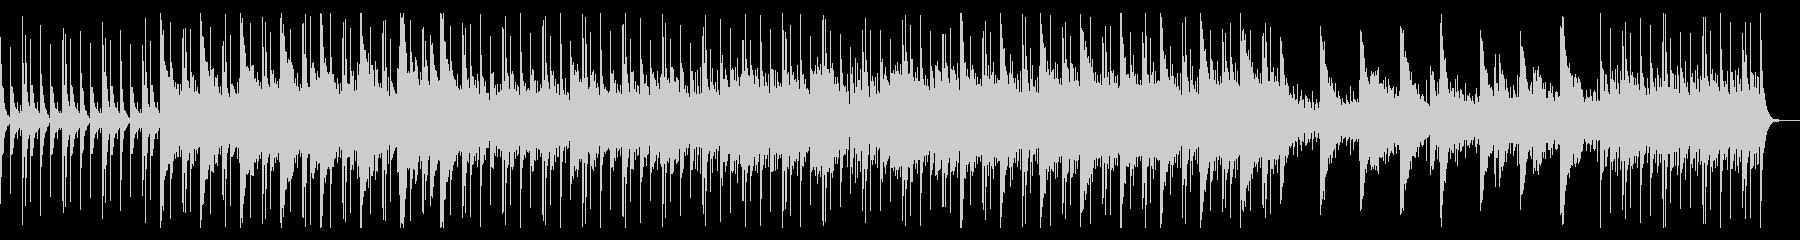 ドラムとピアノが中心のシリアスな曲の未再生の波形